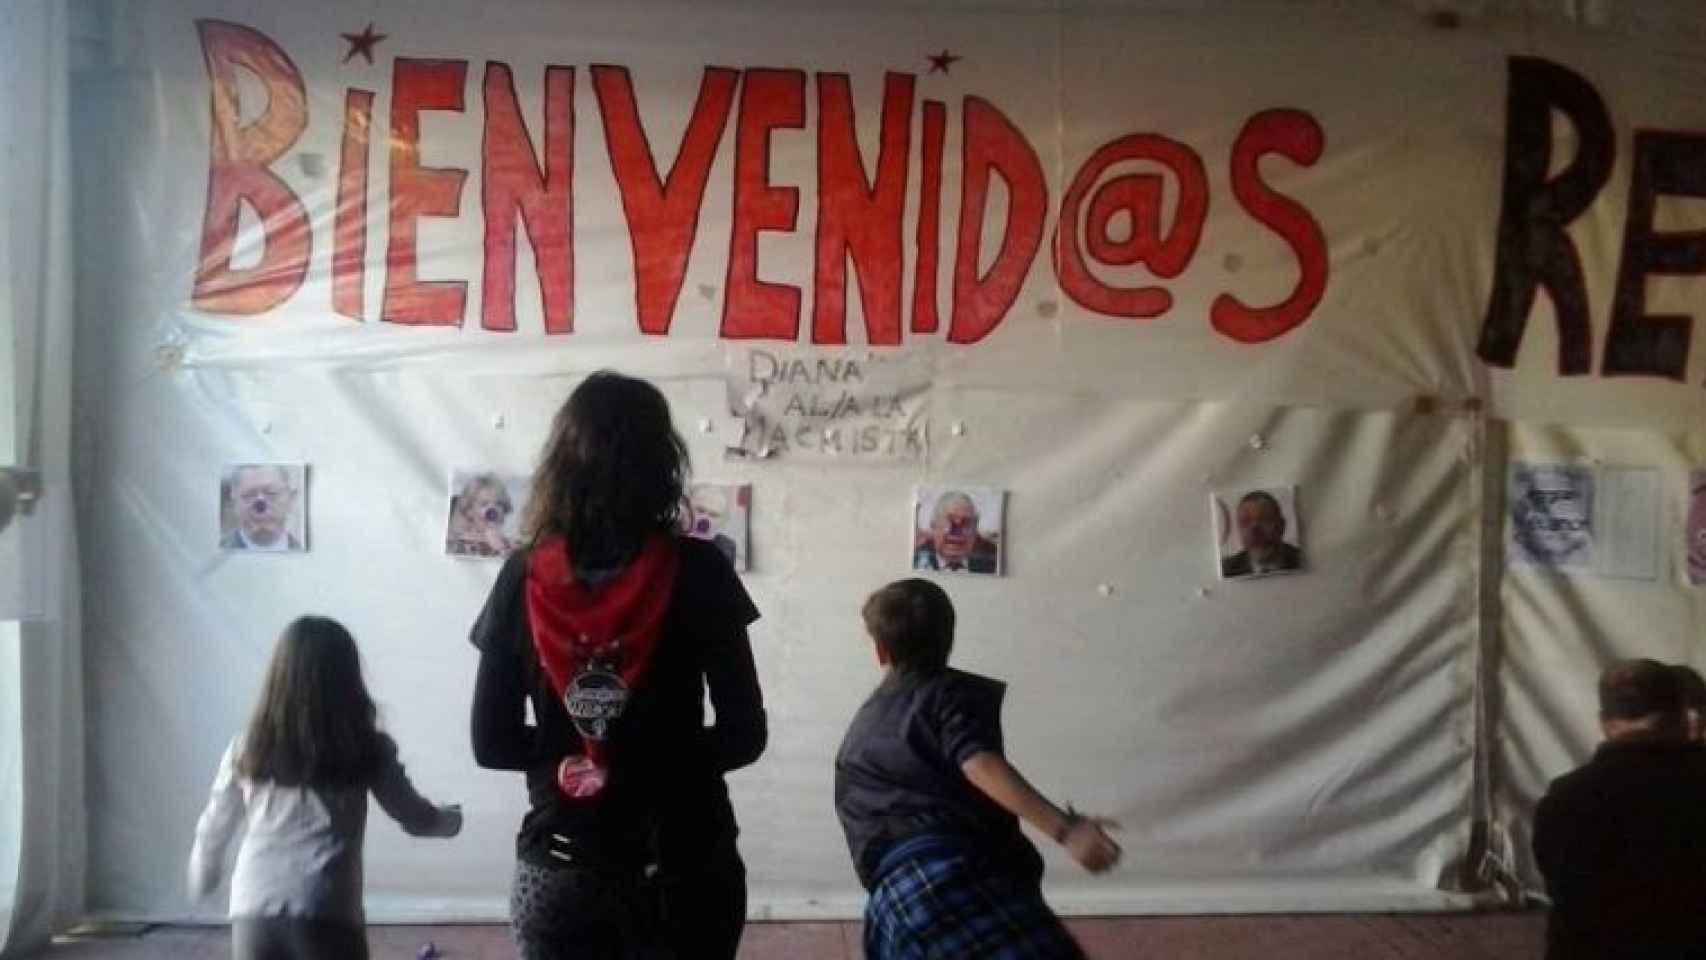 Una de las fotografías que circulan sobre la actividad en la que se apuntaba a miembros del PP.